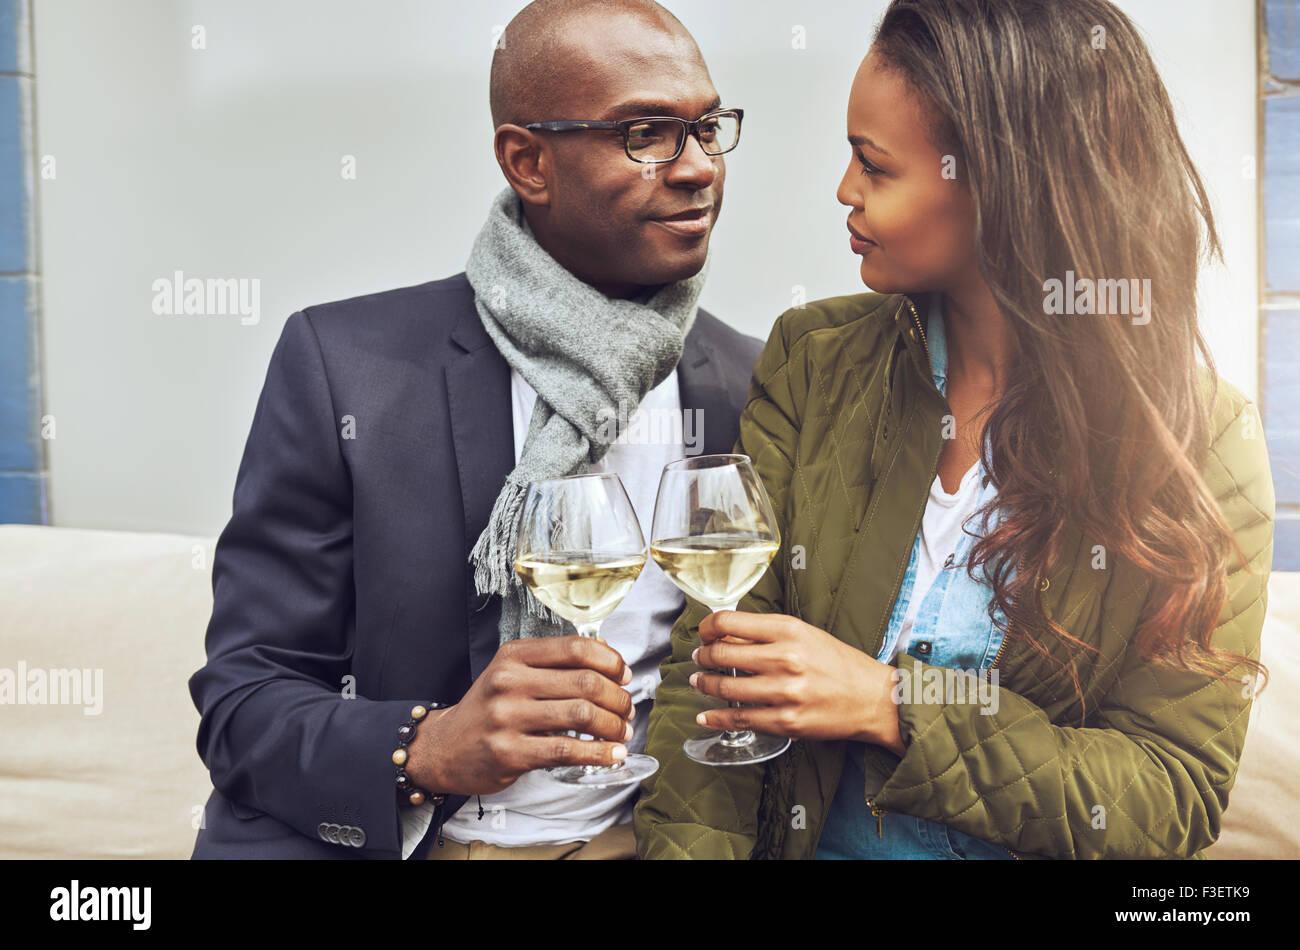 Amorosa pareja americana africana en un abrazo tostado mutuamente con vino blanco, tal y como se ven profundamente Imagen De Stock